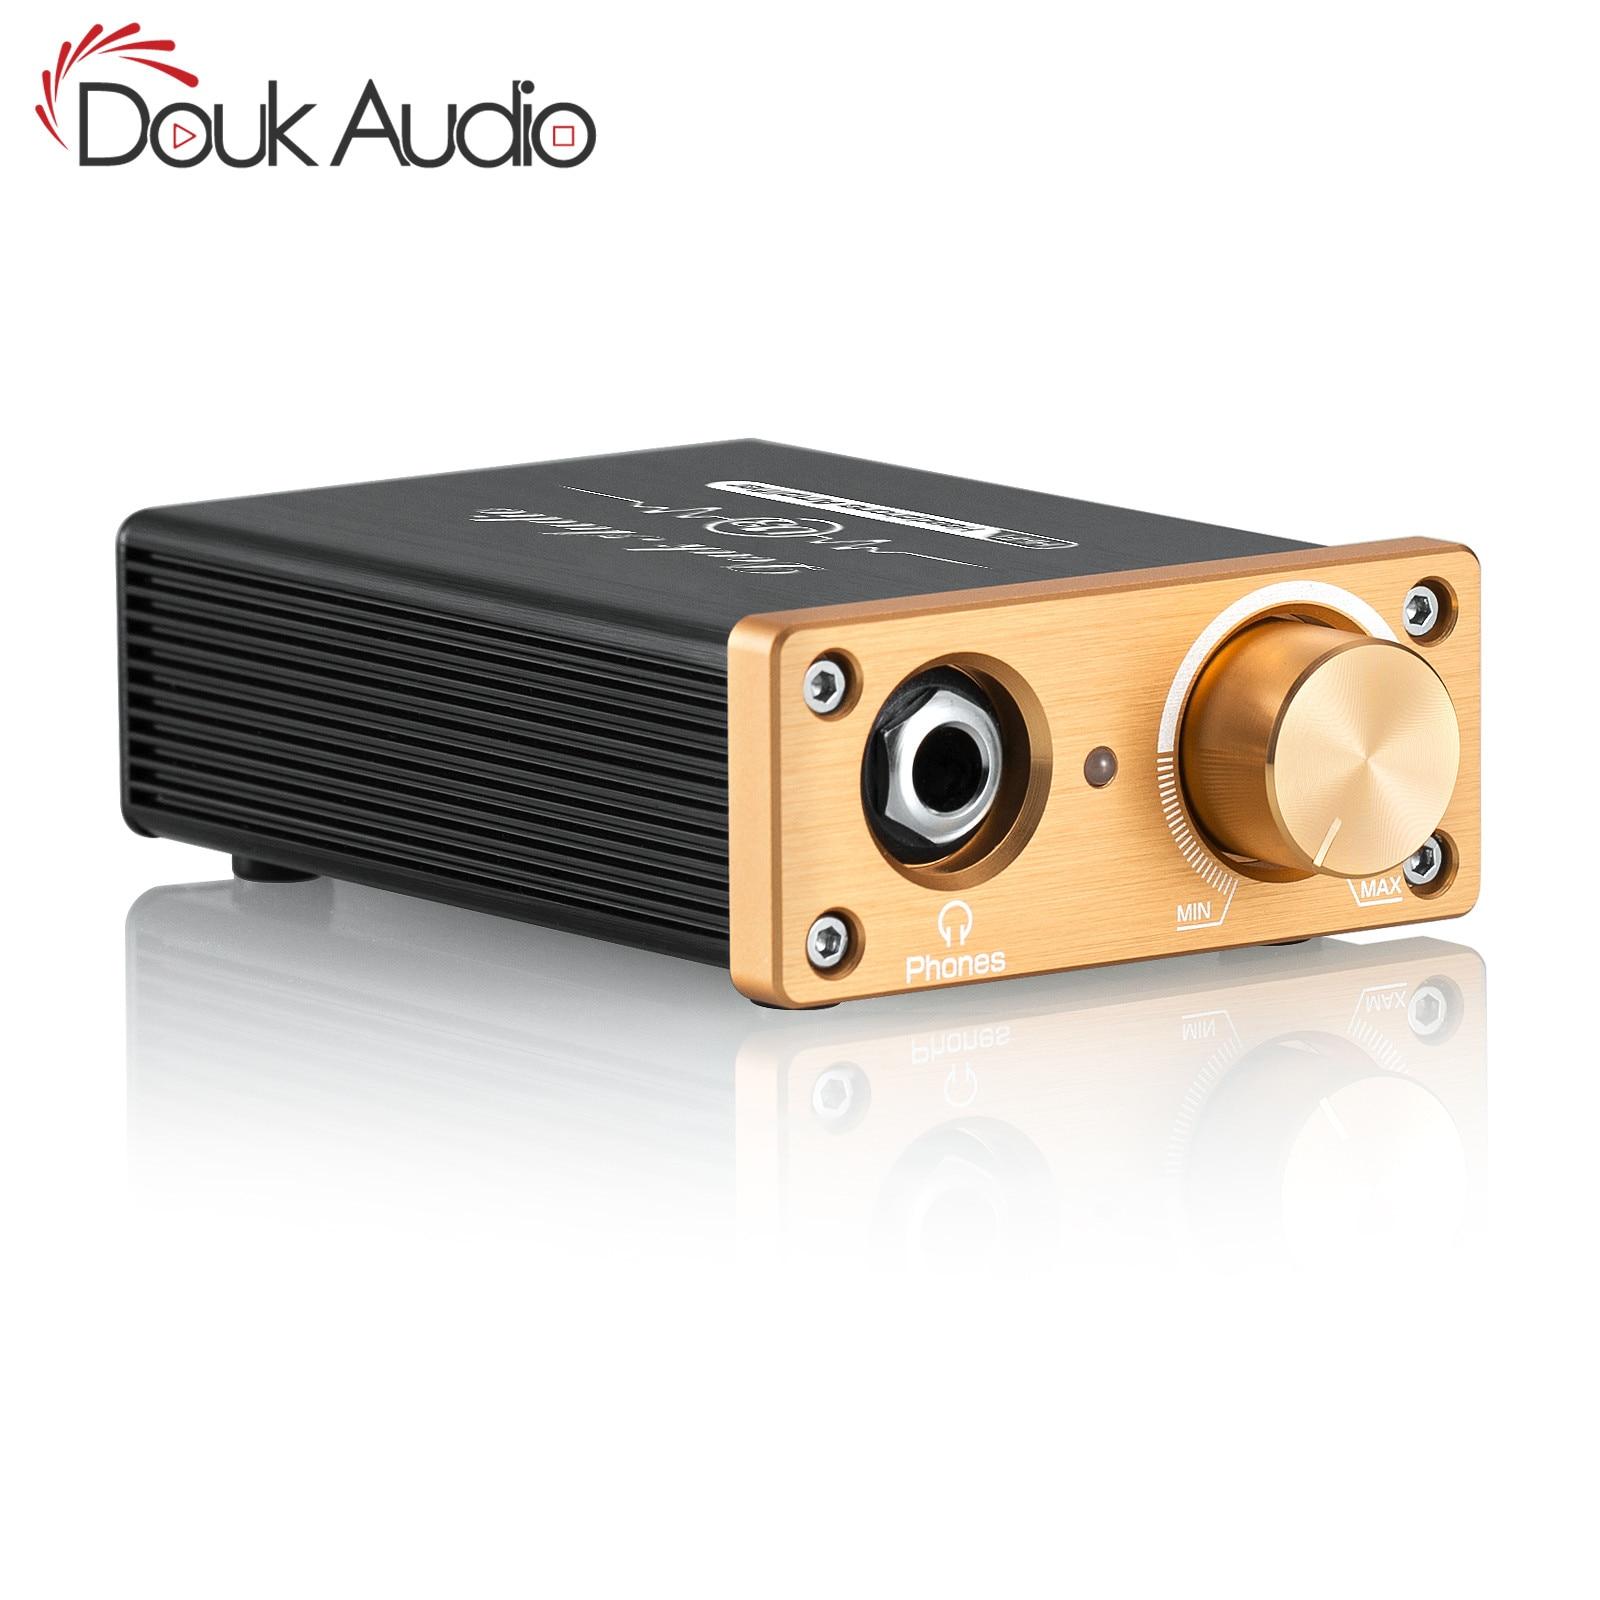 Усилитель для наушников Douk Audio Mini Class A, HiFi, настольный стереозвук, USB 5 В для HD580 / K701/ RS1e